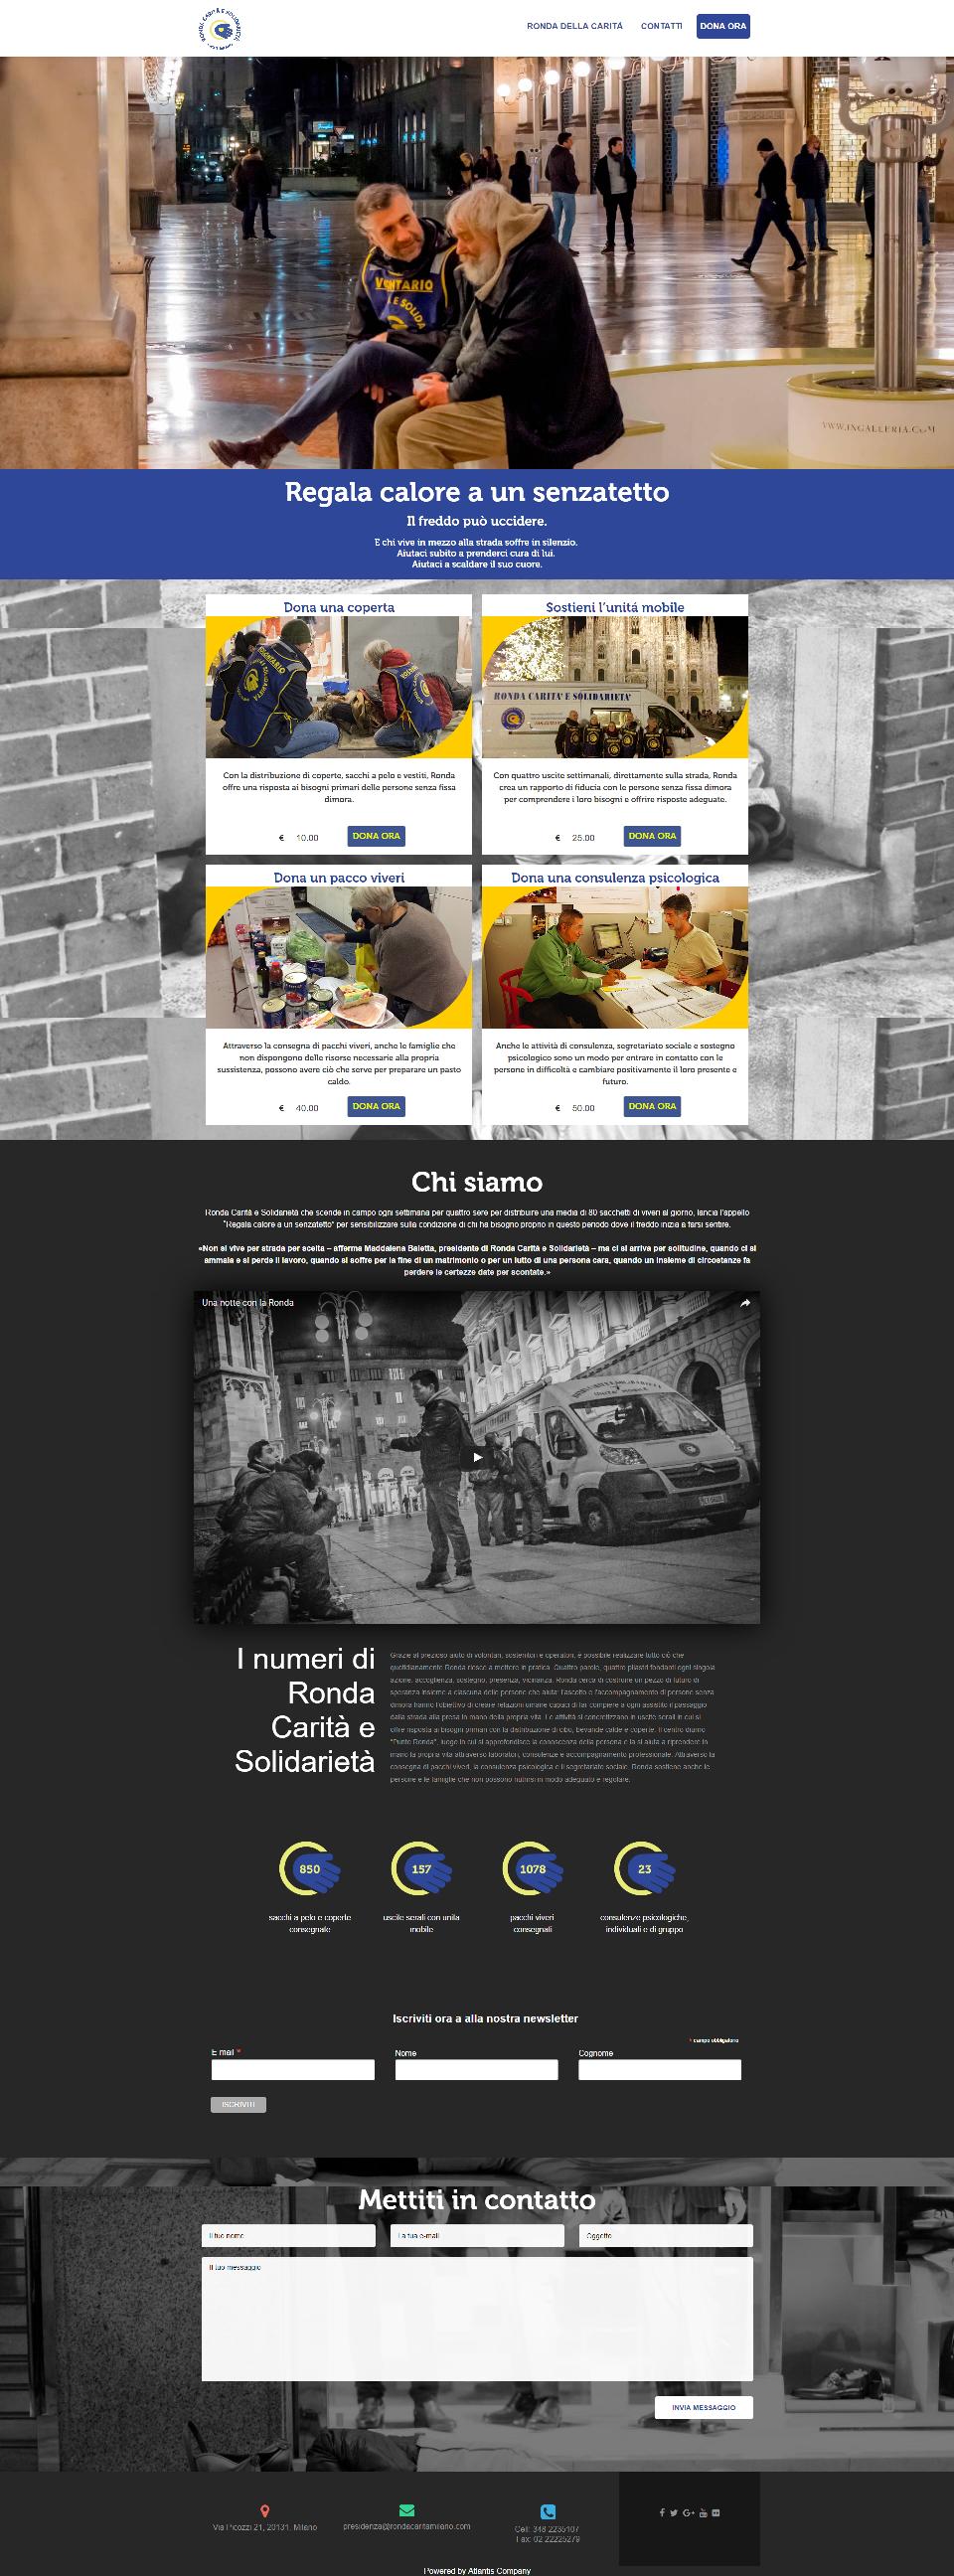 Campagna mail #regalacalore e landing page per Ronda Carità e Solidarietà